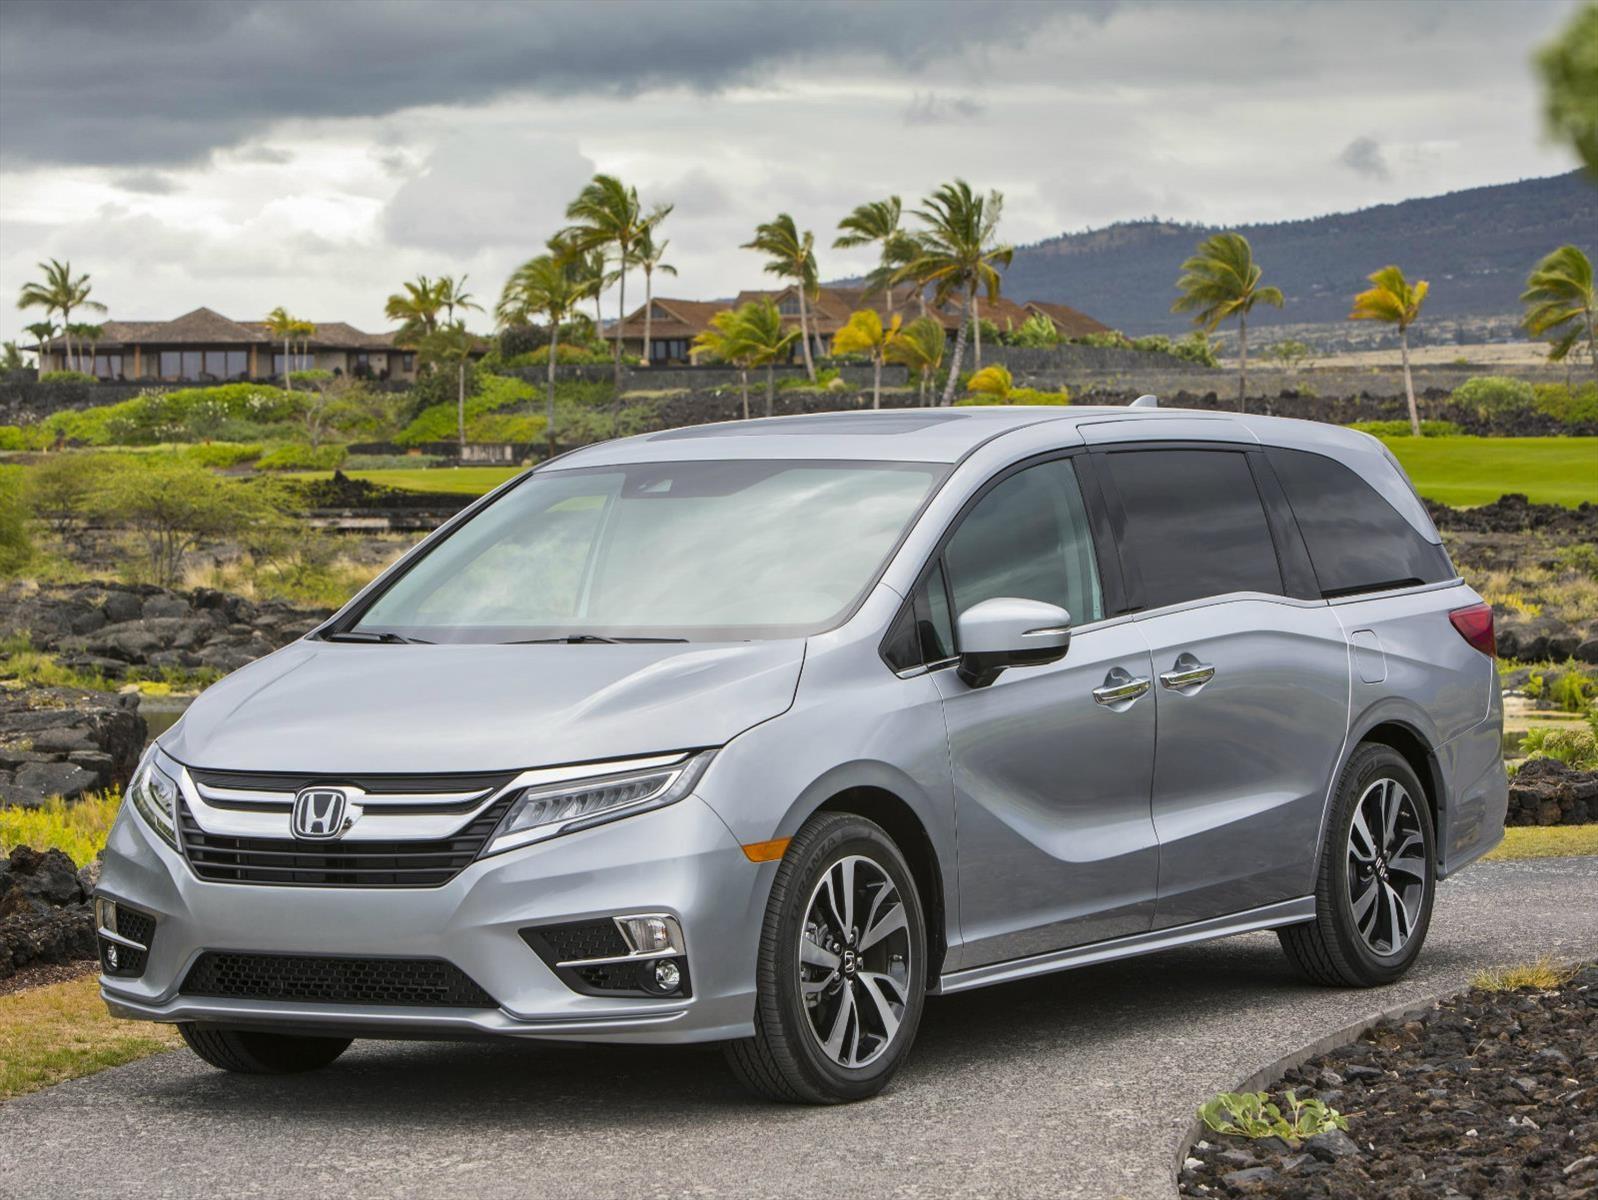 Honda Odyssey 2018 consigue el Top Safety Pick+